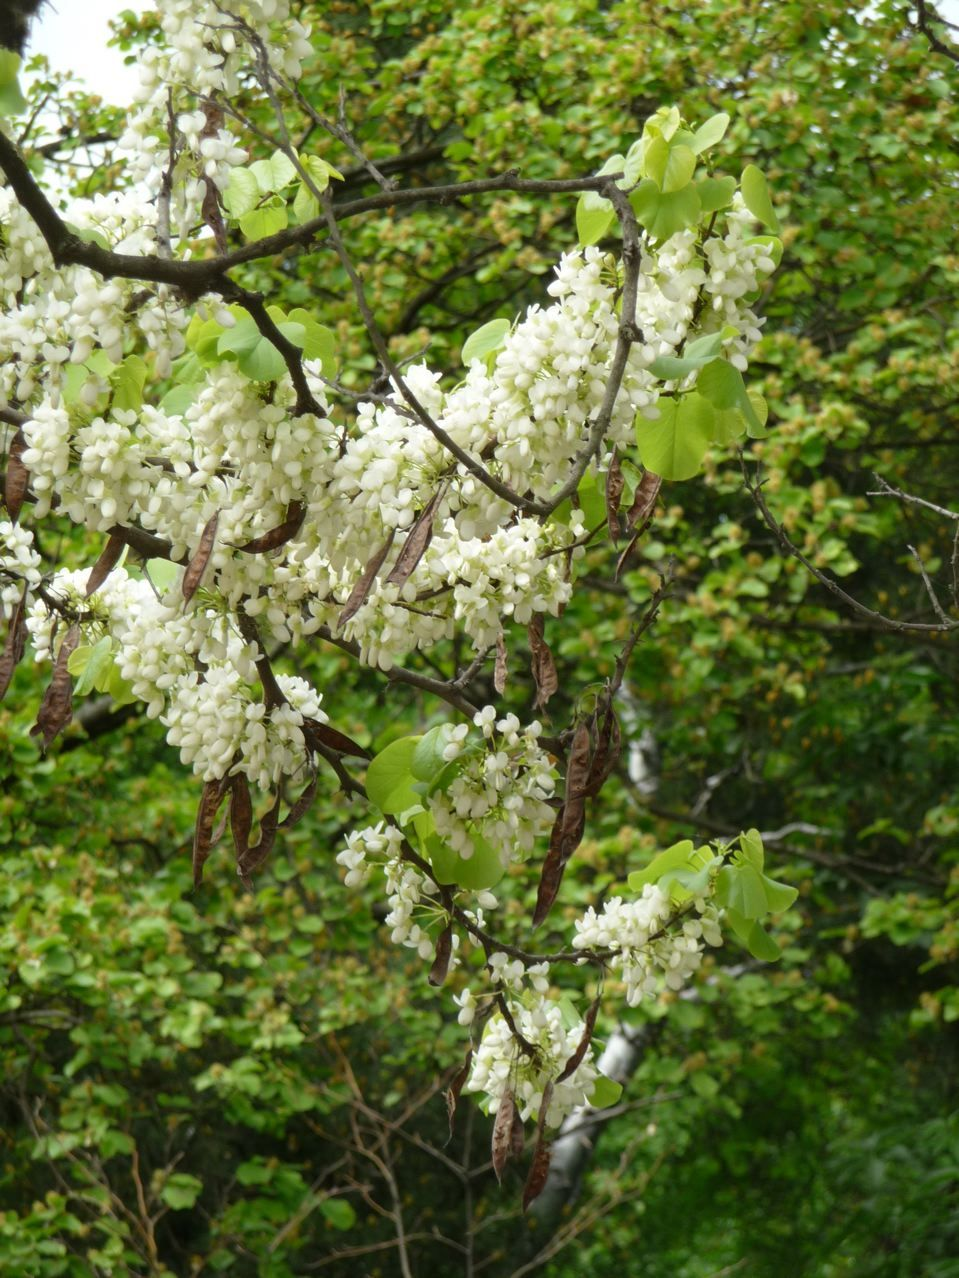 arbre de jud e floraison blanche cercis siliquastrum 39 alba 39 jardin des plantes de paris. Black Bedroom Furniture Sets. Home Design Ideas